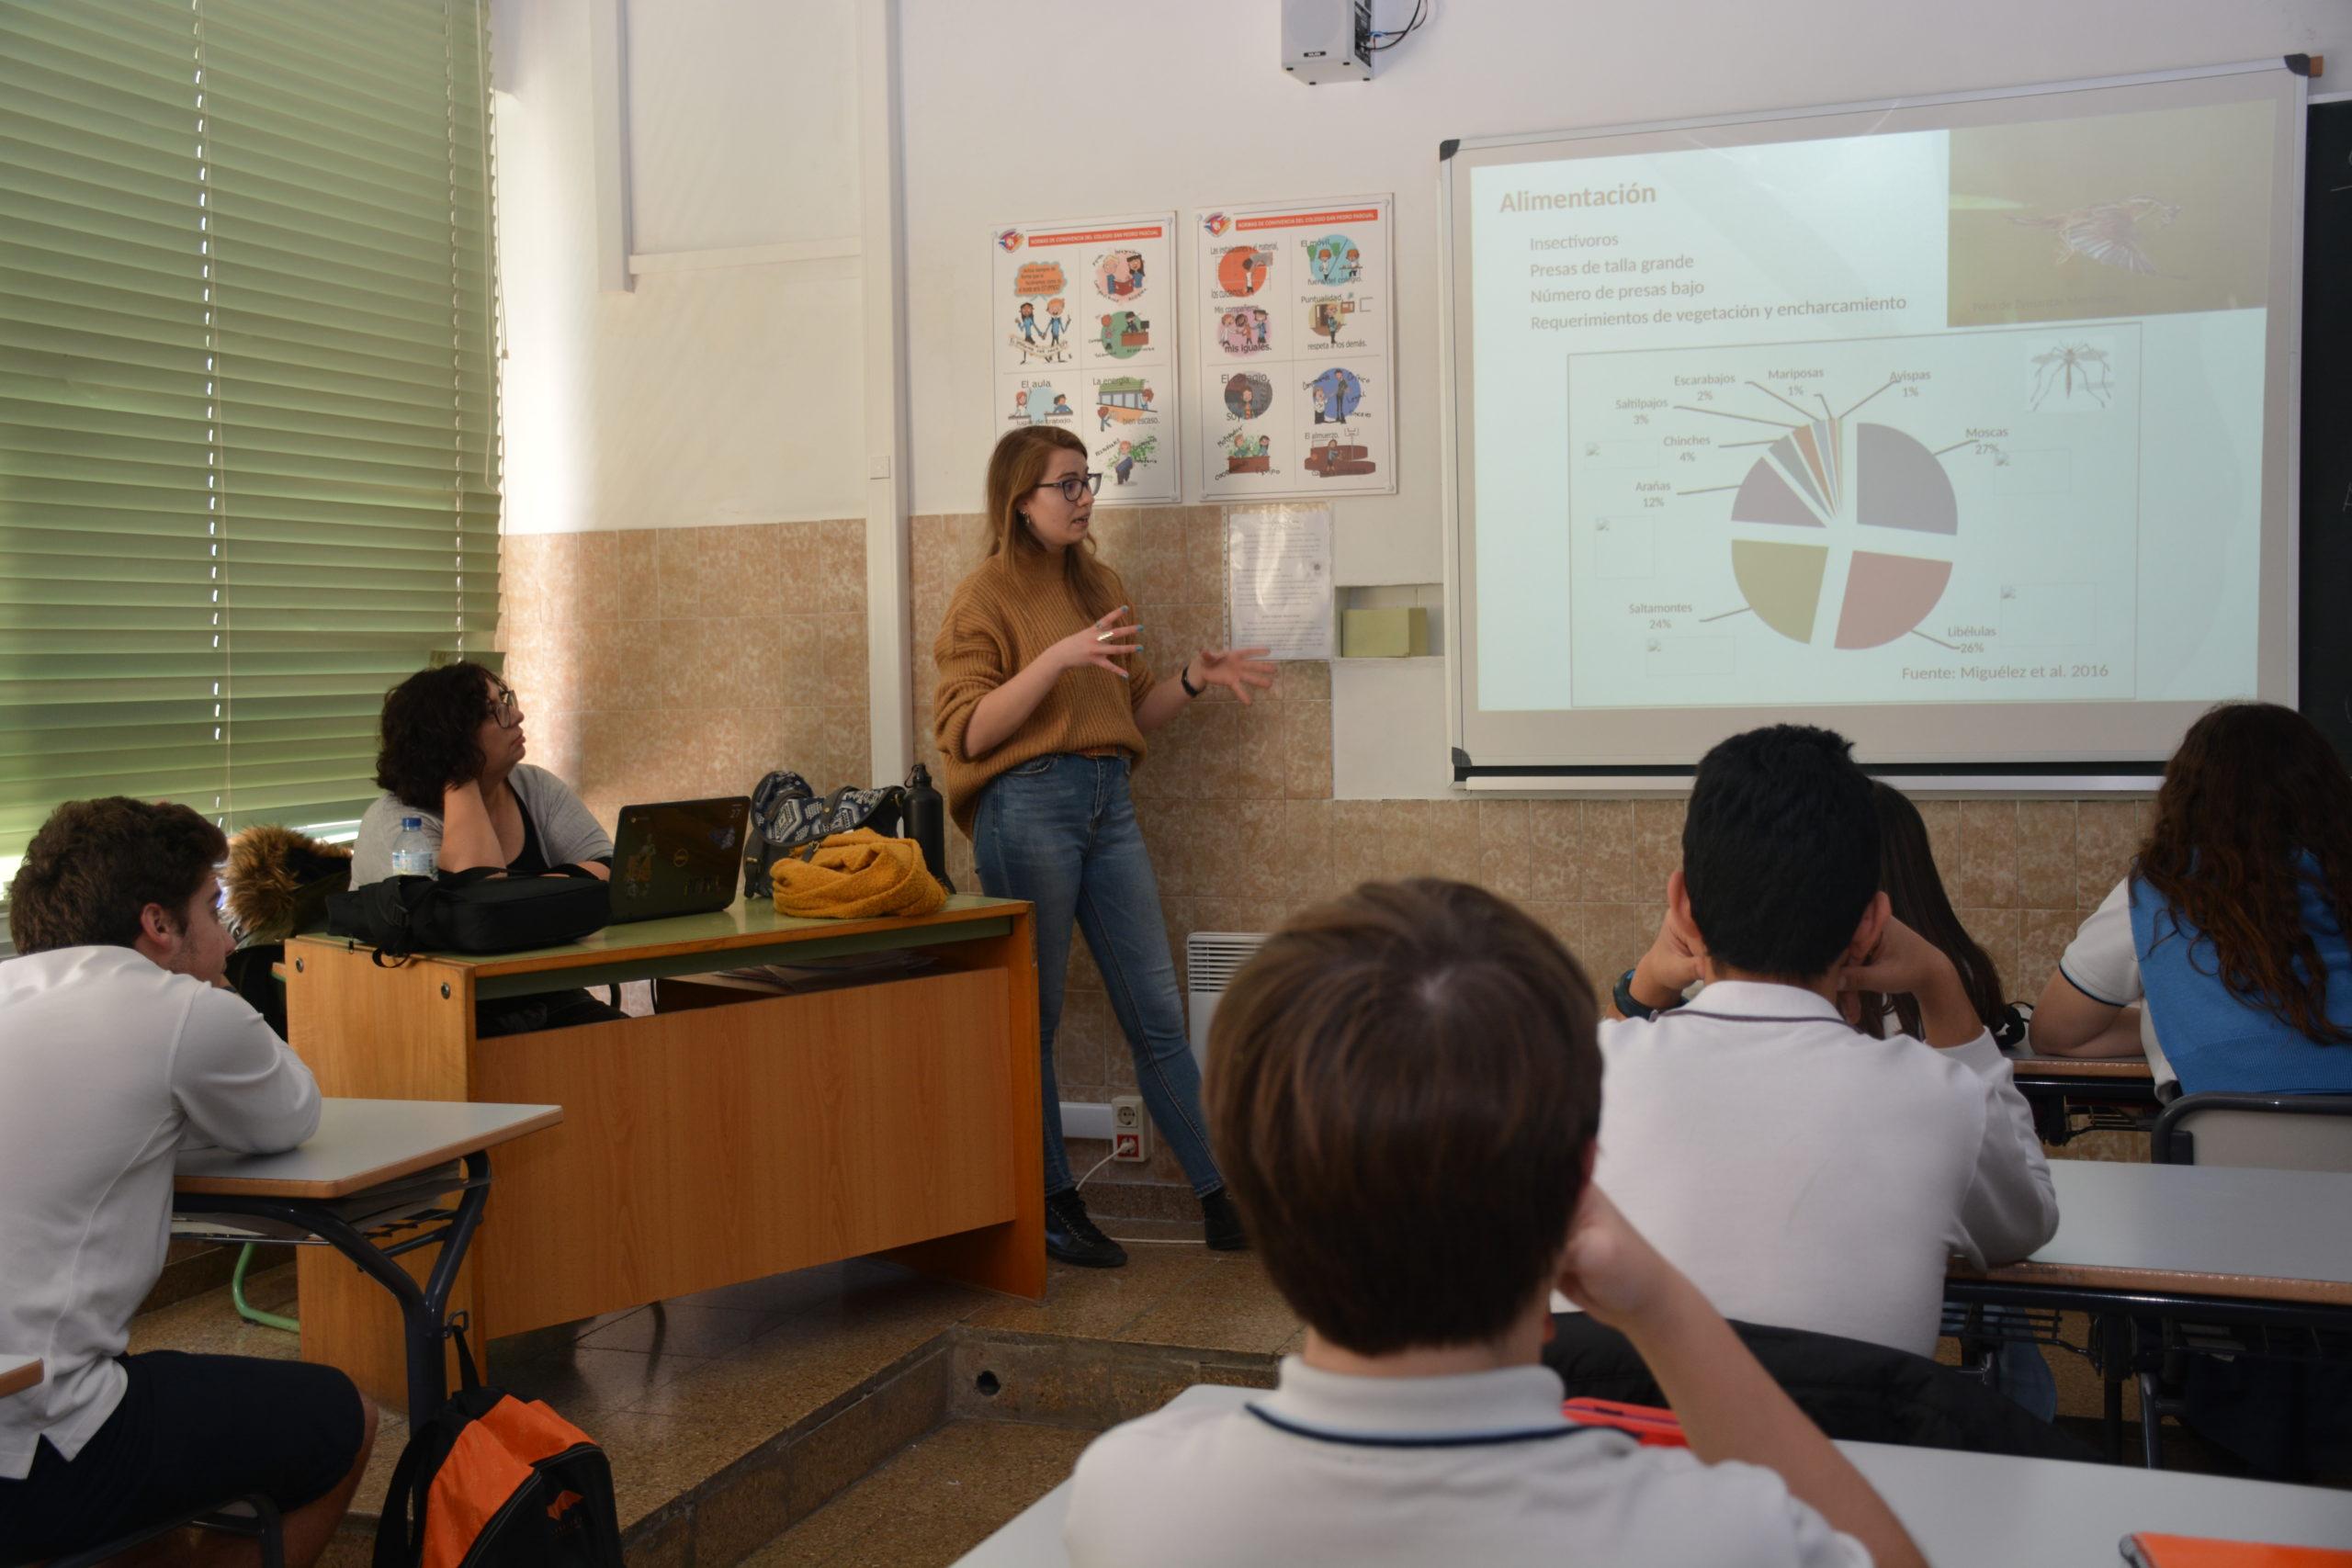 C:\Users\Usuario\Desktop\LIFE_Paludicola\FOTOS\Fotos_Acciones\E2\2020_02_07_ColegioSanPedroPascual_Valencia\DSC_0388.JPG